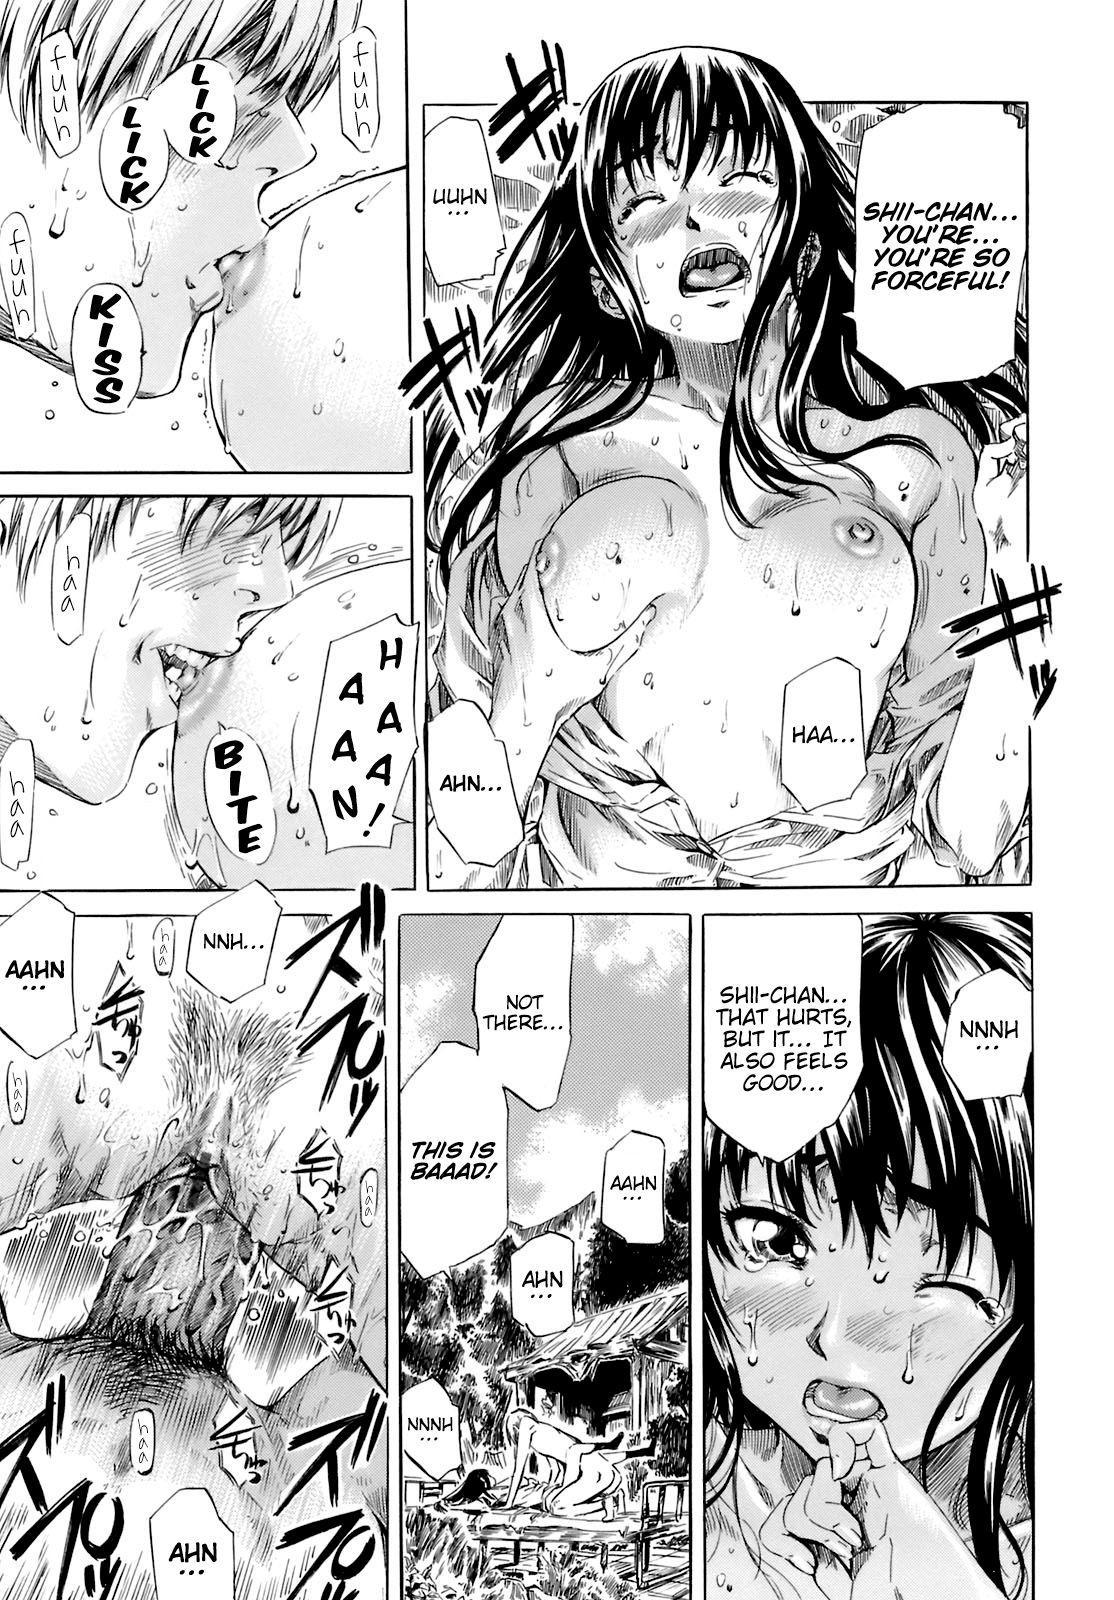 Kimi no Sukina Onnanoko no Katachi | Shape of Your Favorite Girl 18